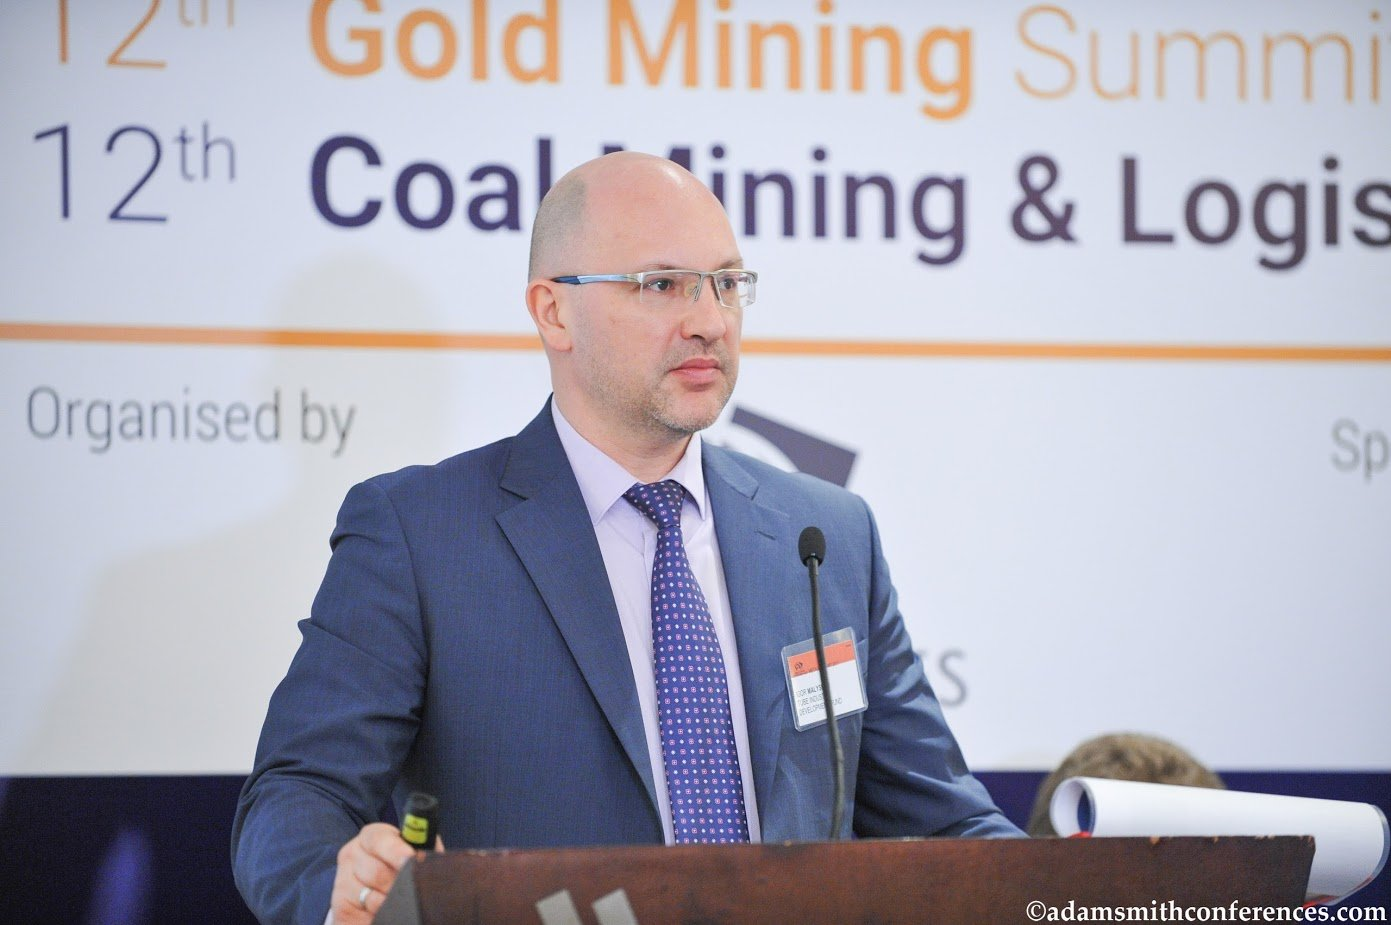 Игорь Малышев: Нефтегазовые компании требуют от трубной отрасли инноваций на импортоопережение»